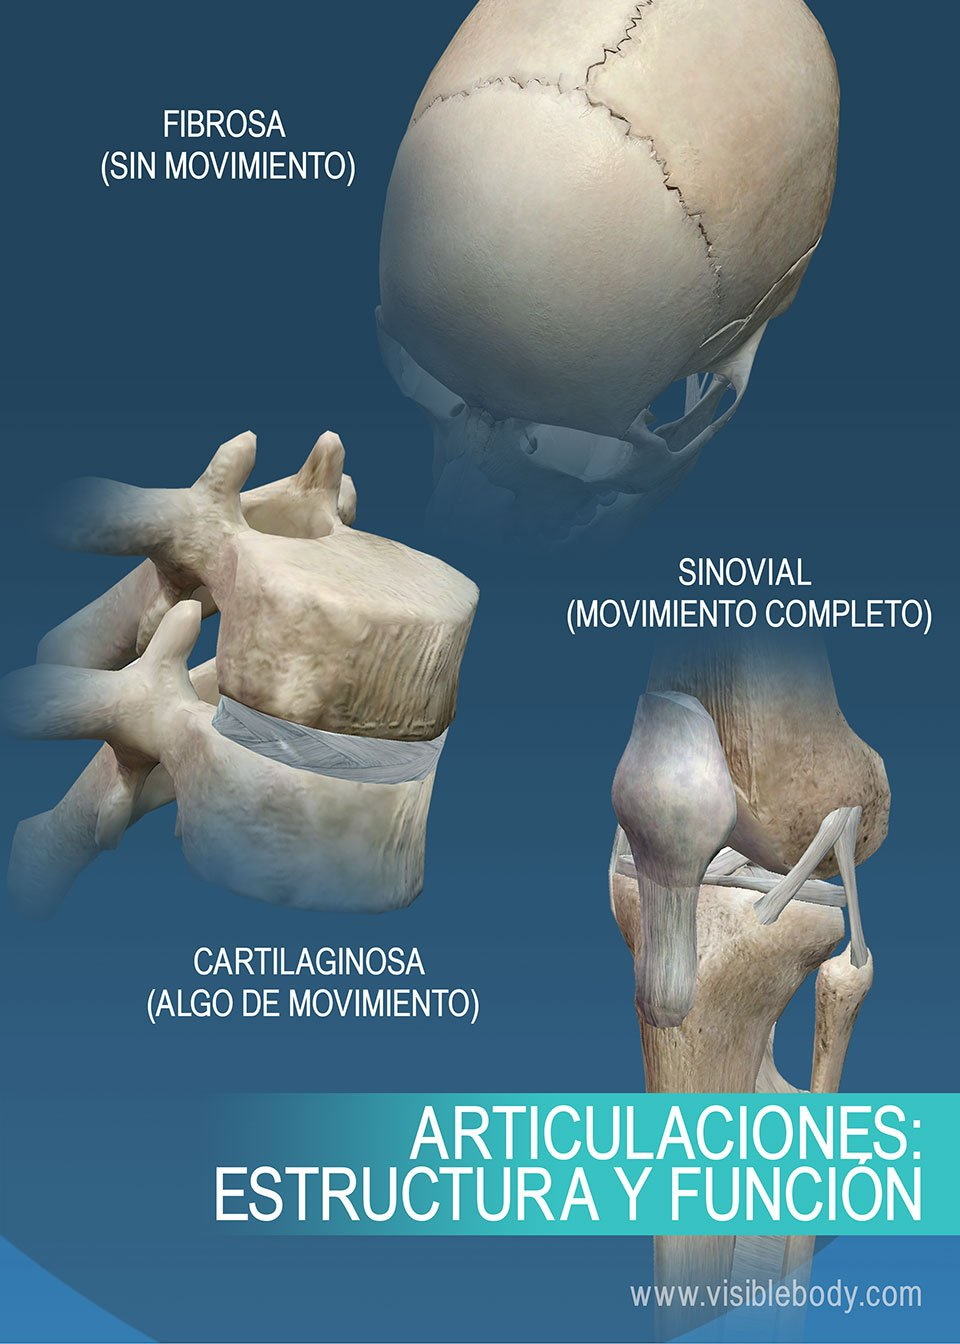 Resumen de diferentes articulaciones, suturas, rodilla, vertebrales